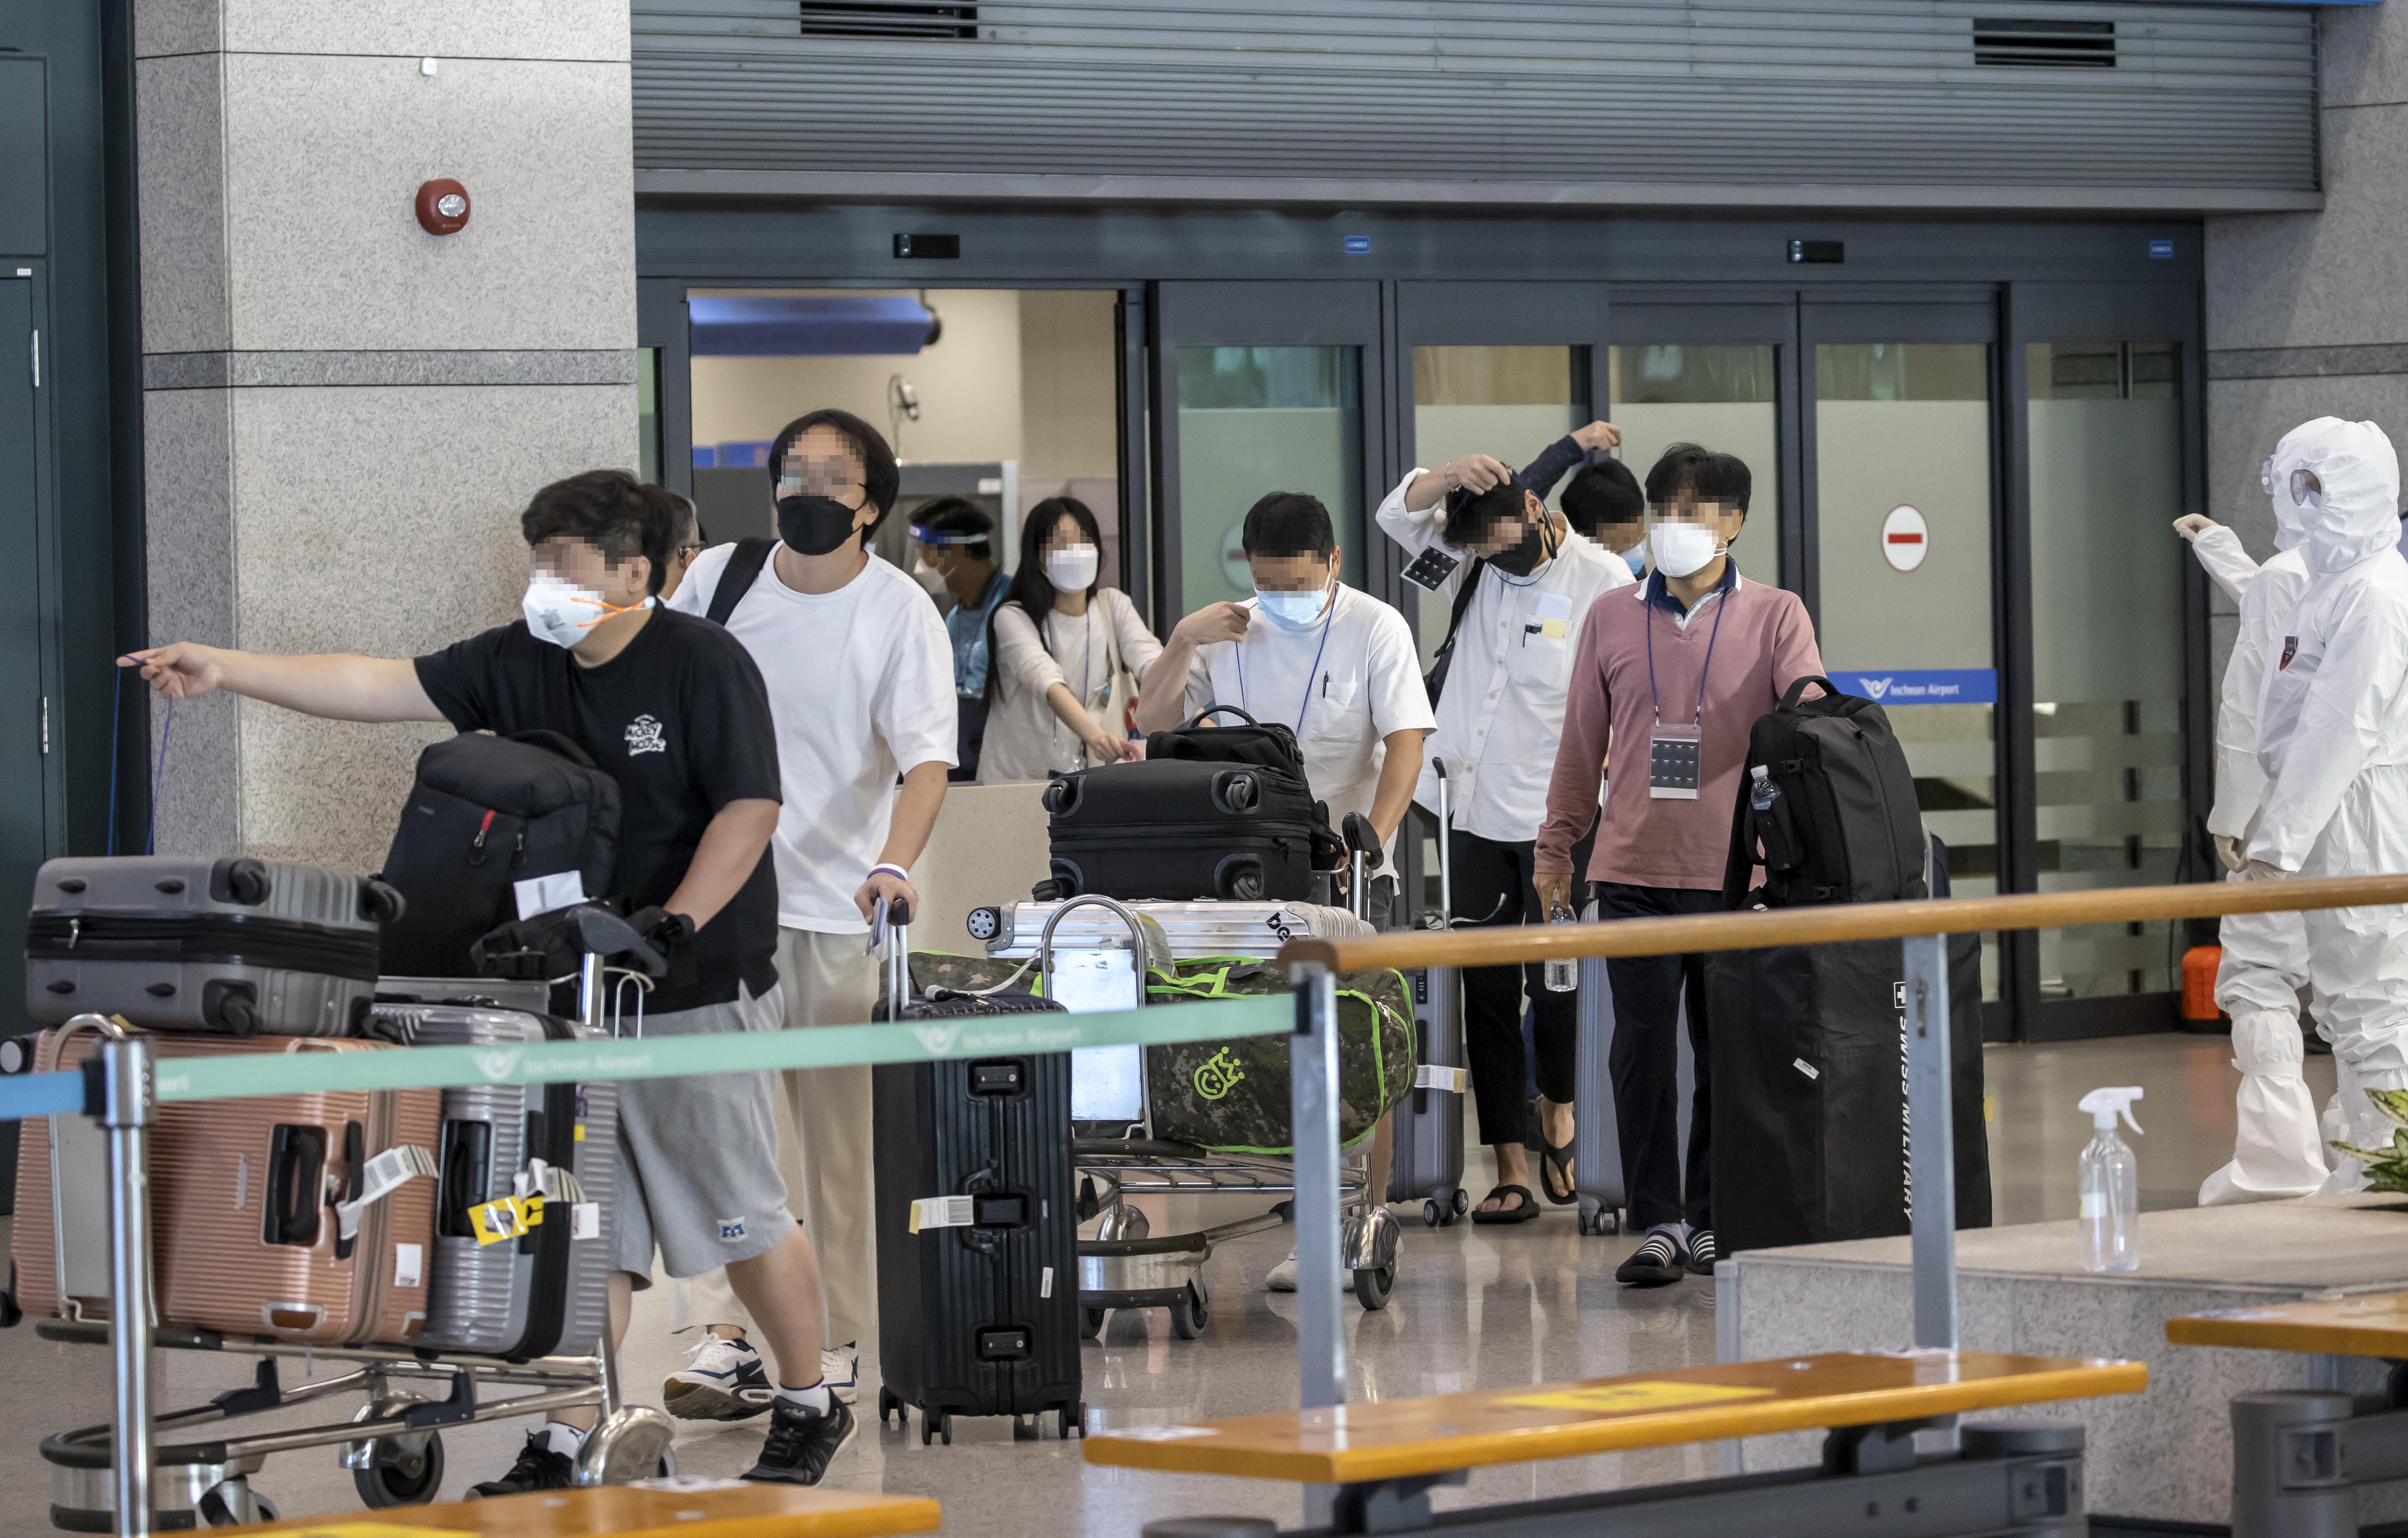 ▲▼蔚山近期開始流行英國變種病毒。圖為從印度金奈機場搭機抵達南韓仁川機場的韓籍僑民。(圖/達志影像)